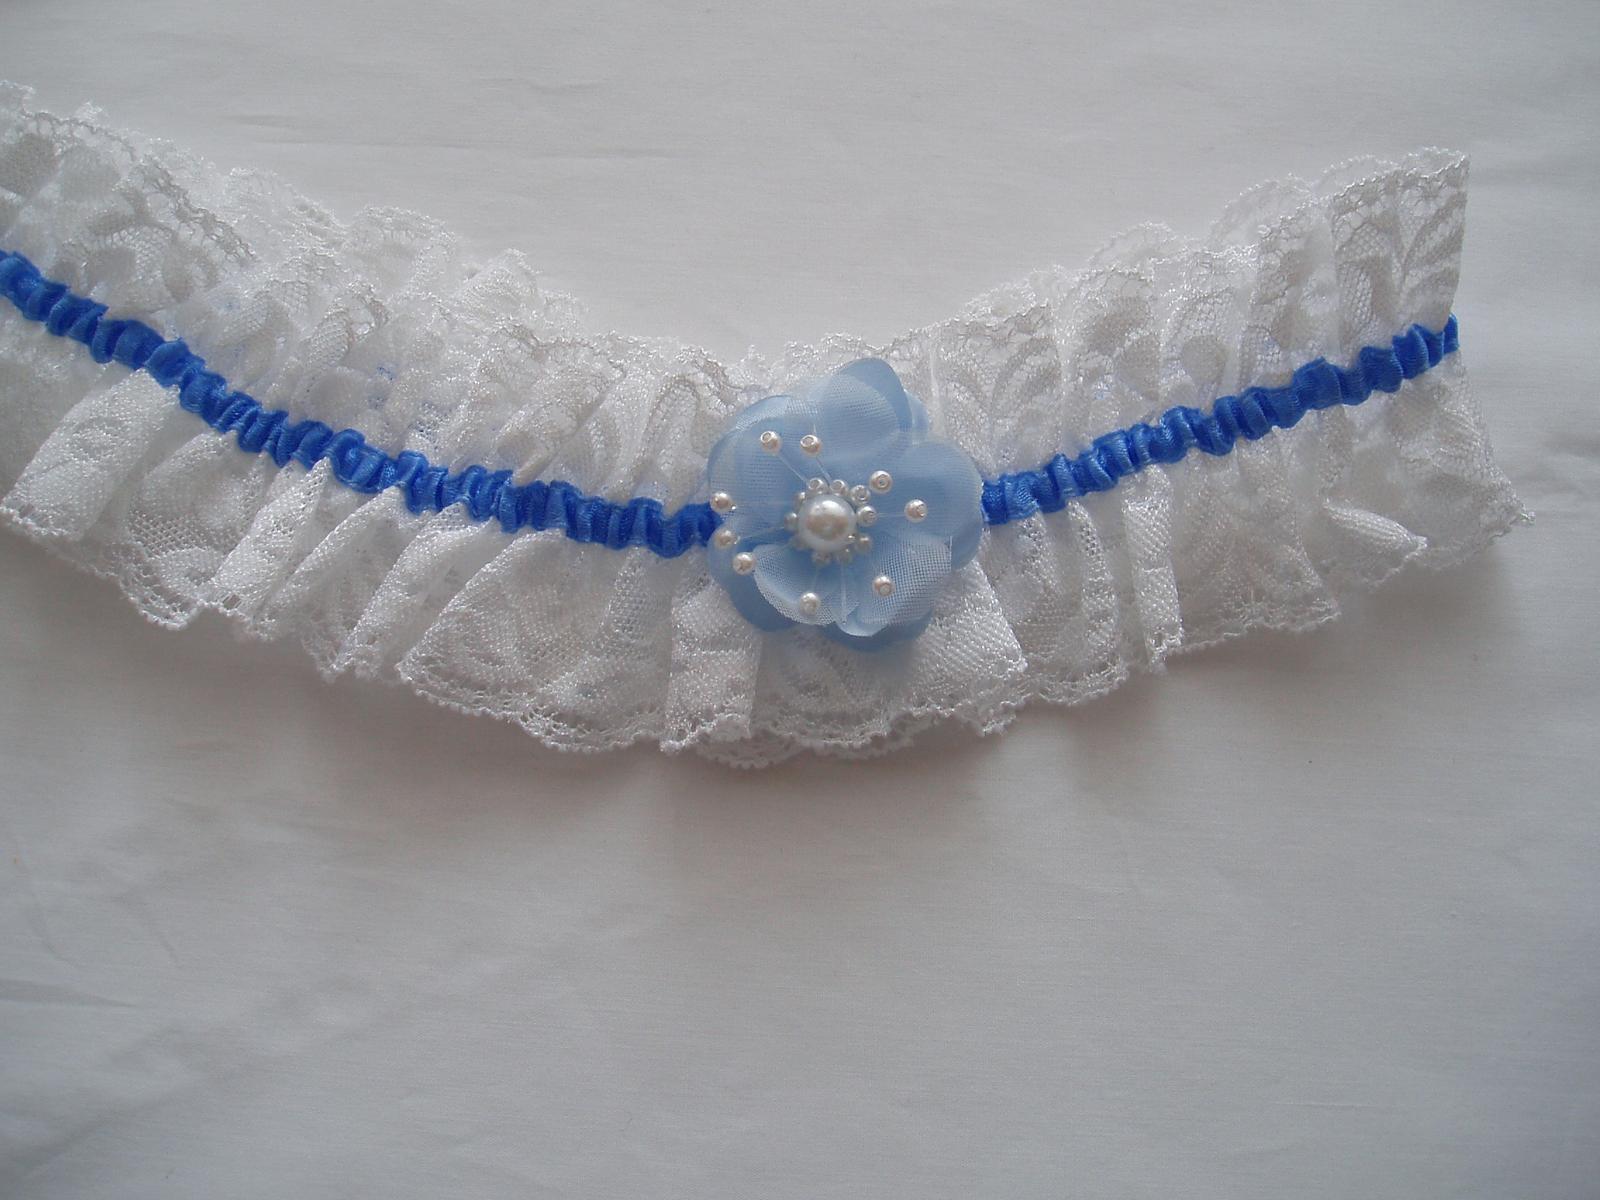 podvazek-modrý kvítek - Obrázek č. 1